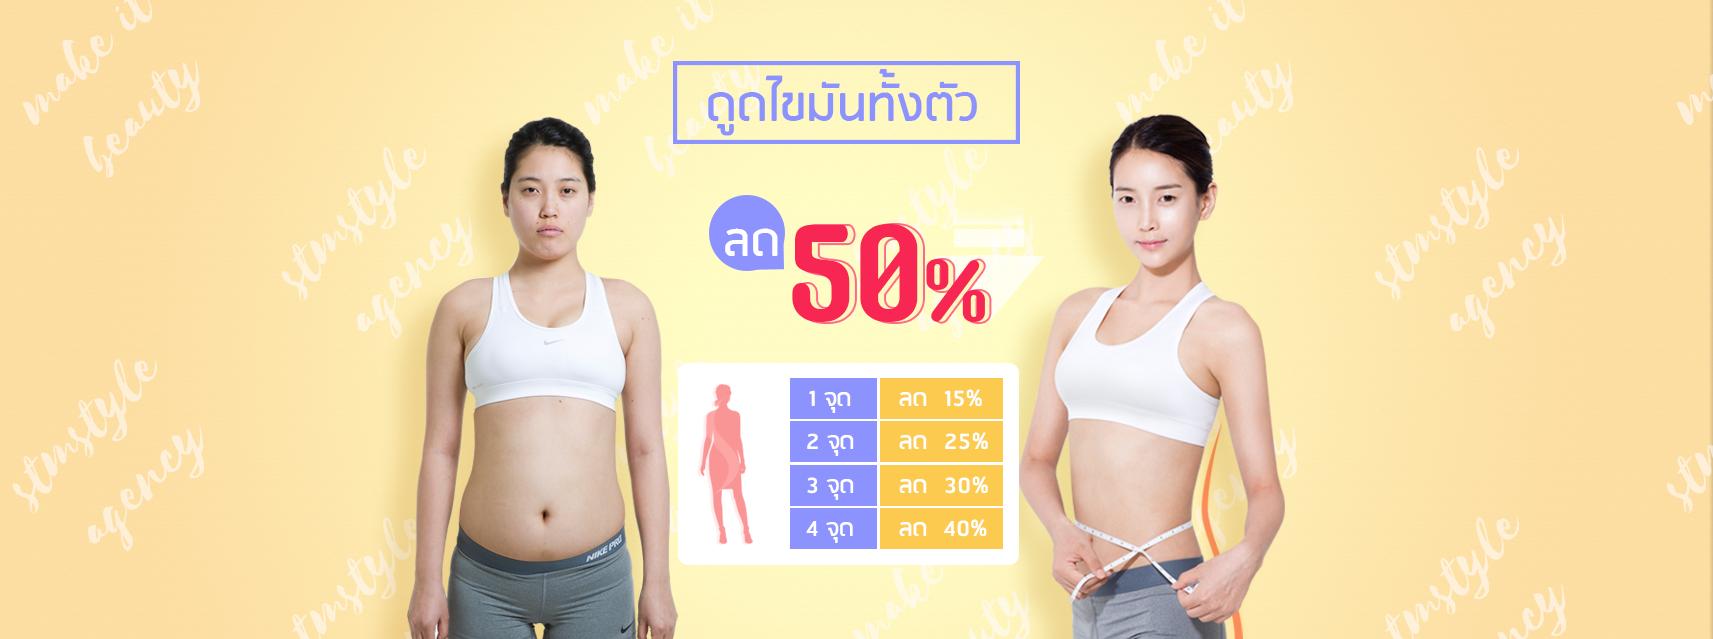 โปรโมชั่นดูดไขมัน ลด 50%